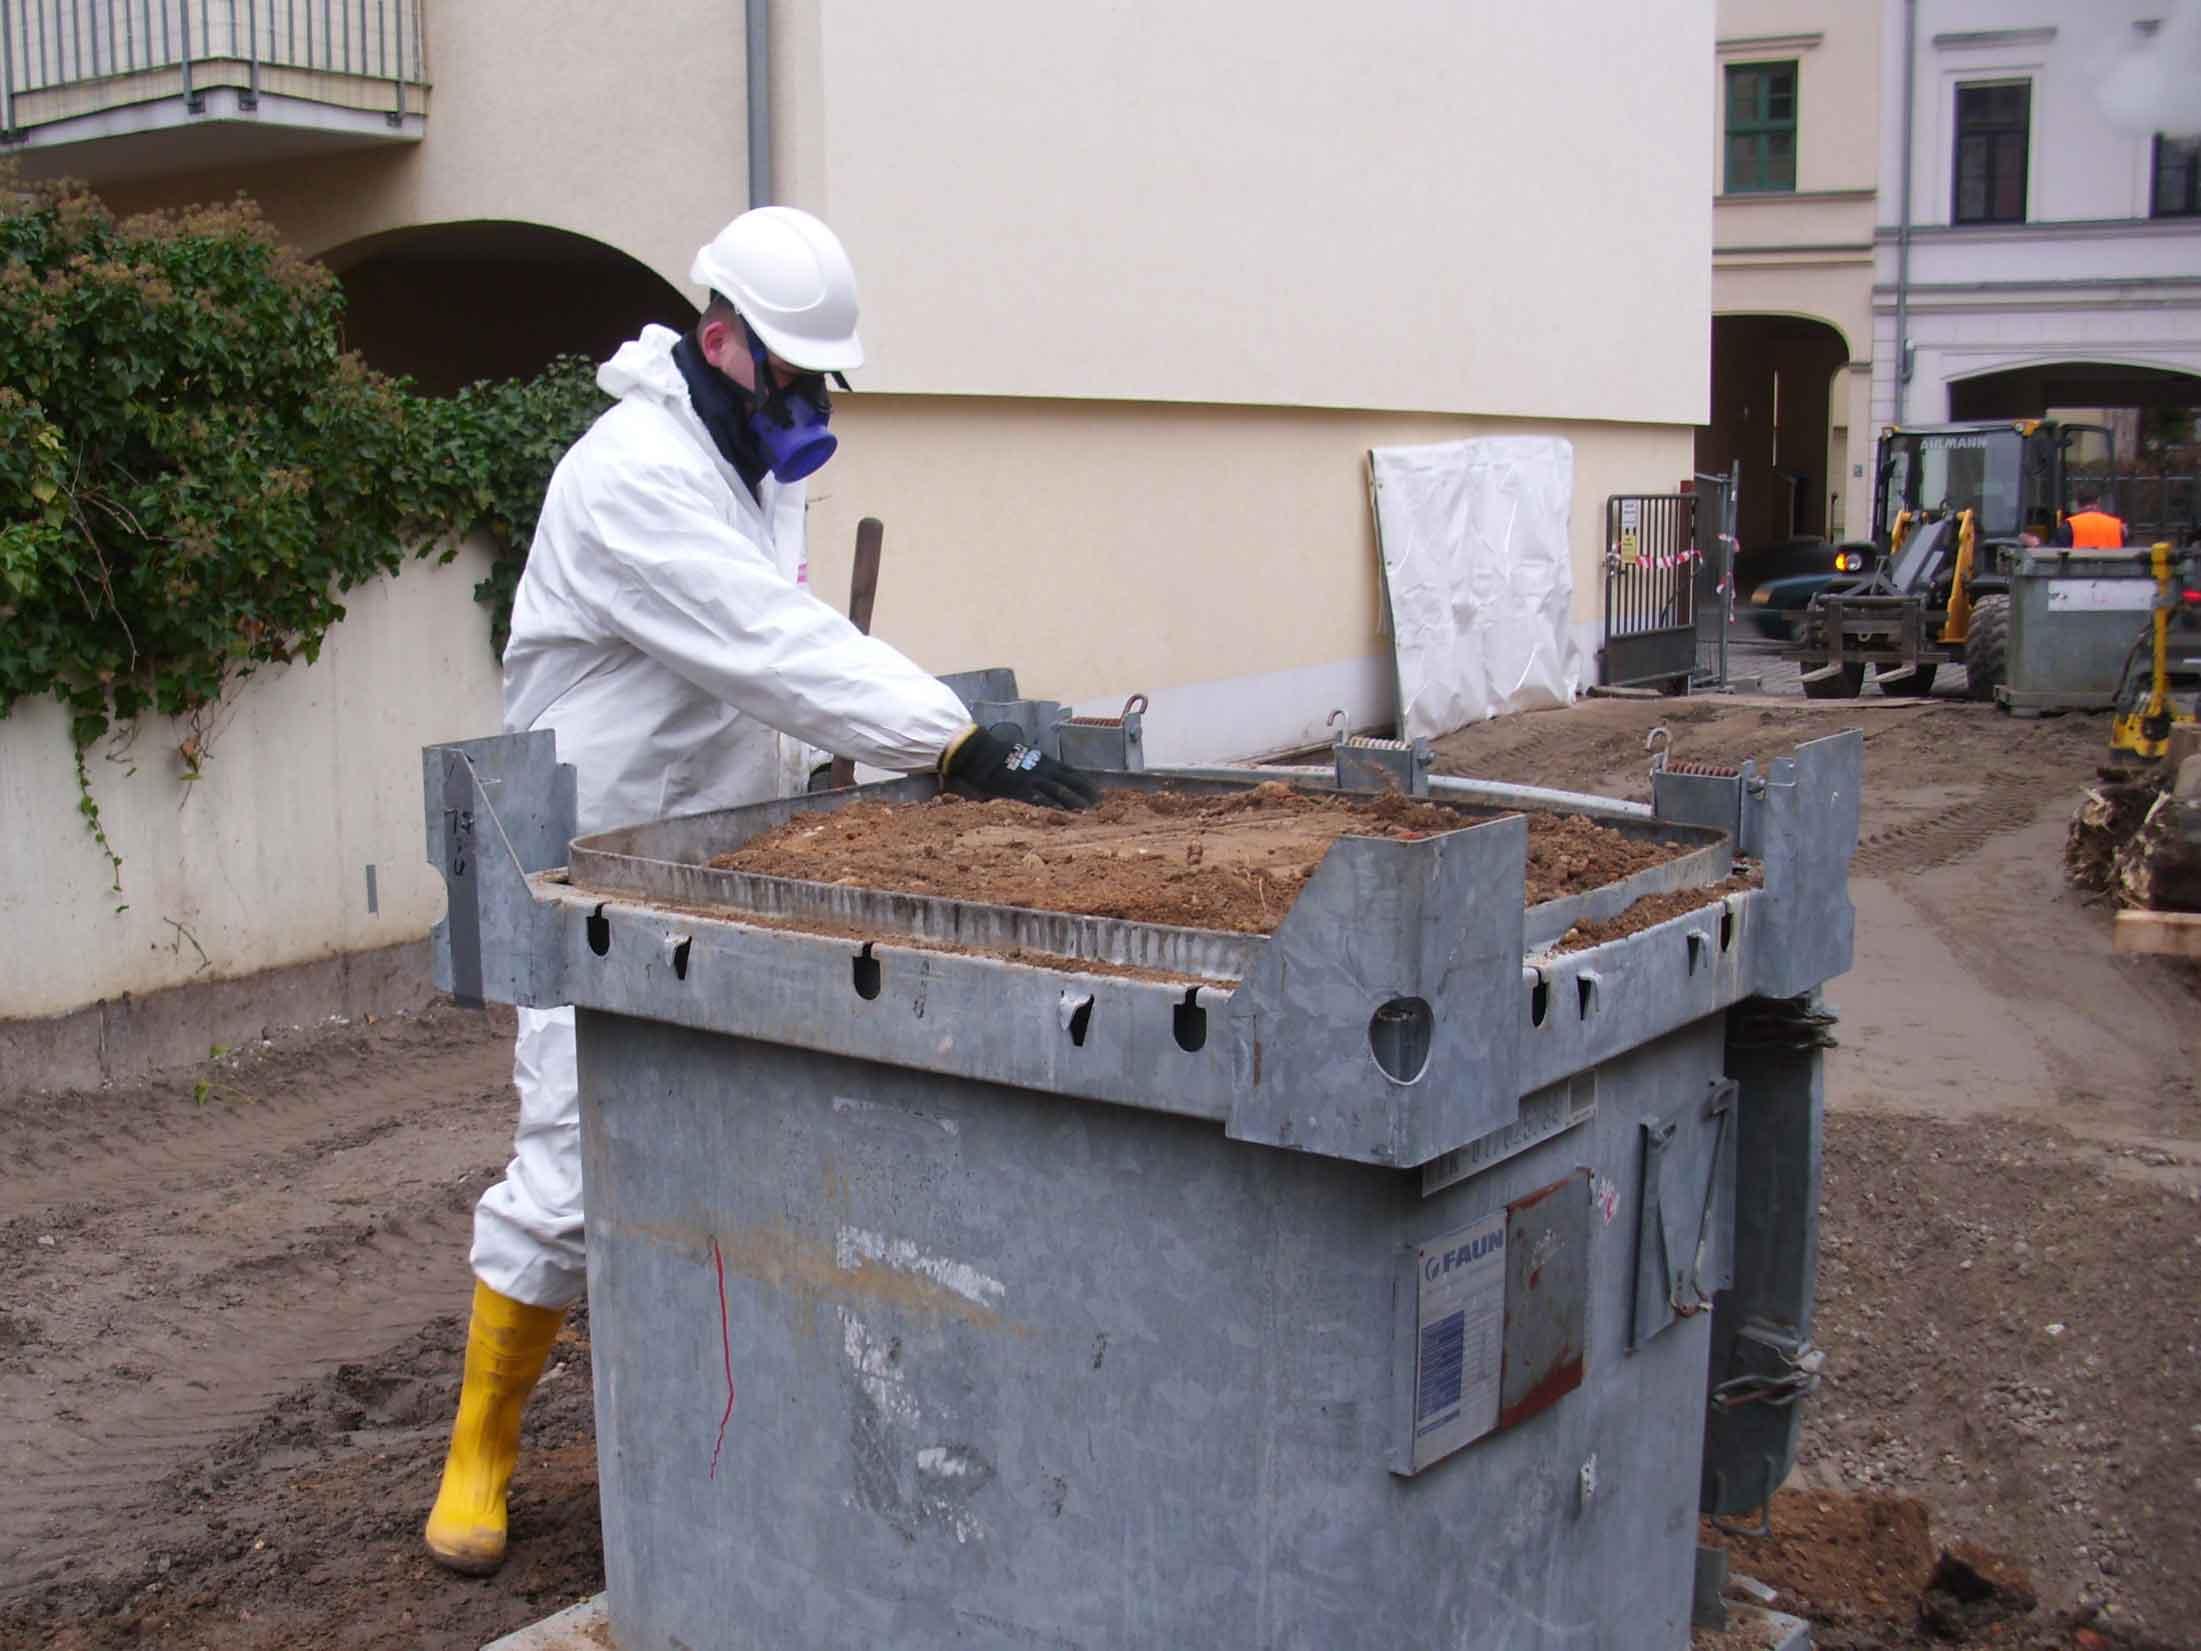 kompetenter Mitarbeiter von Argolon trägt chemischen Schutzanzug